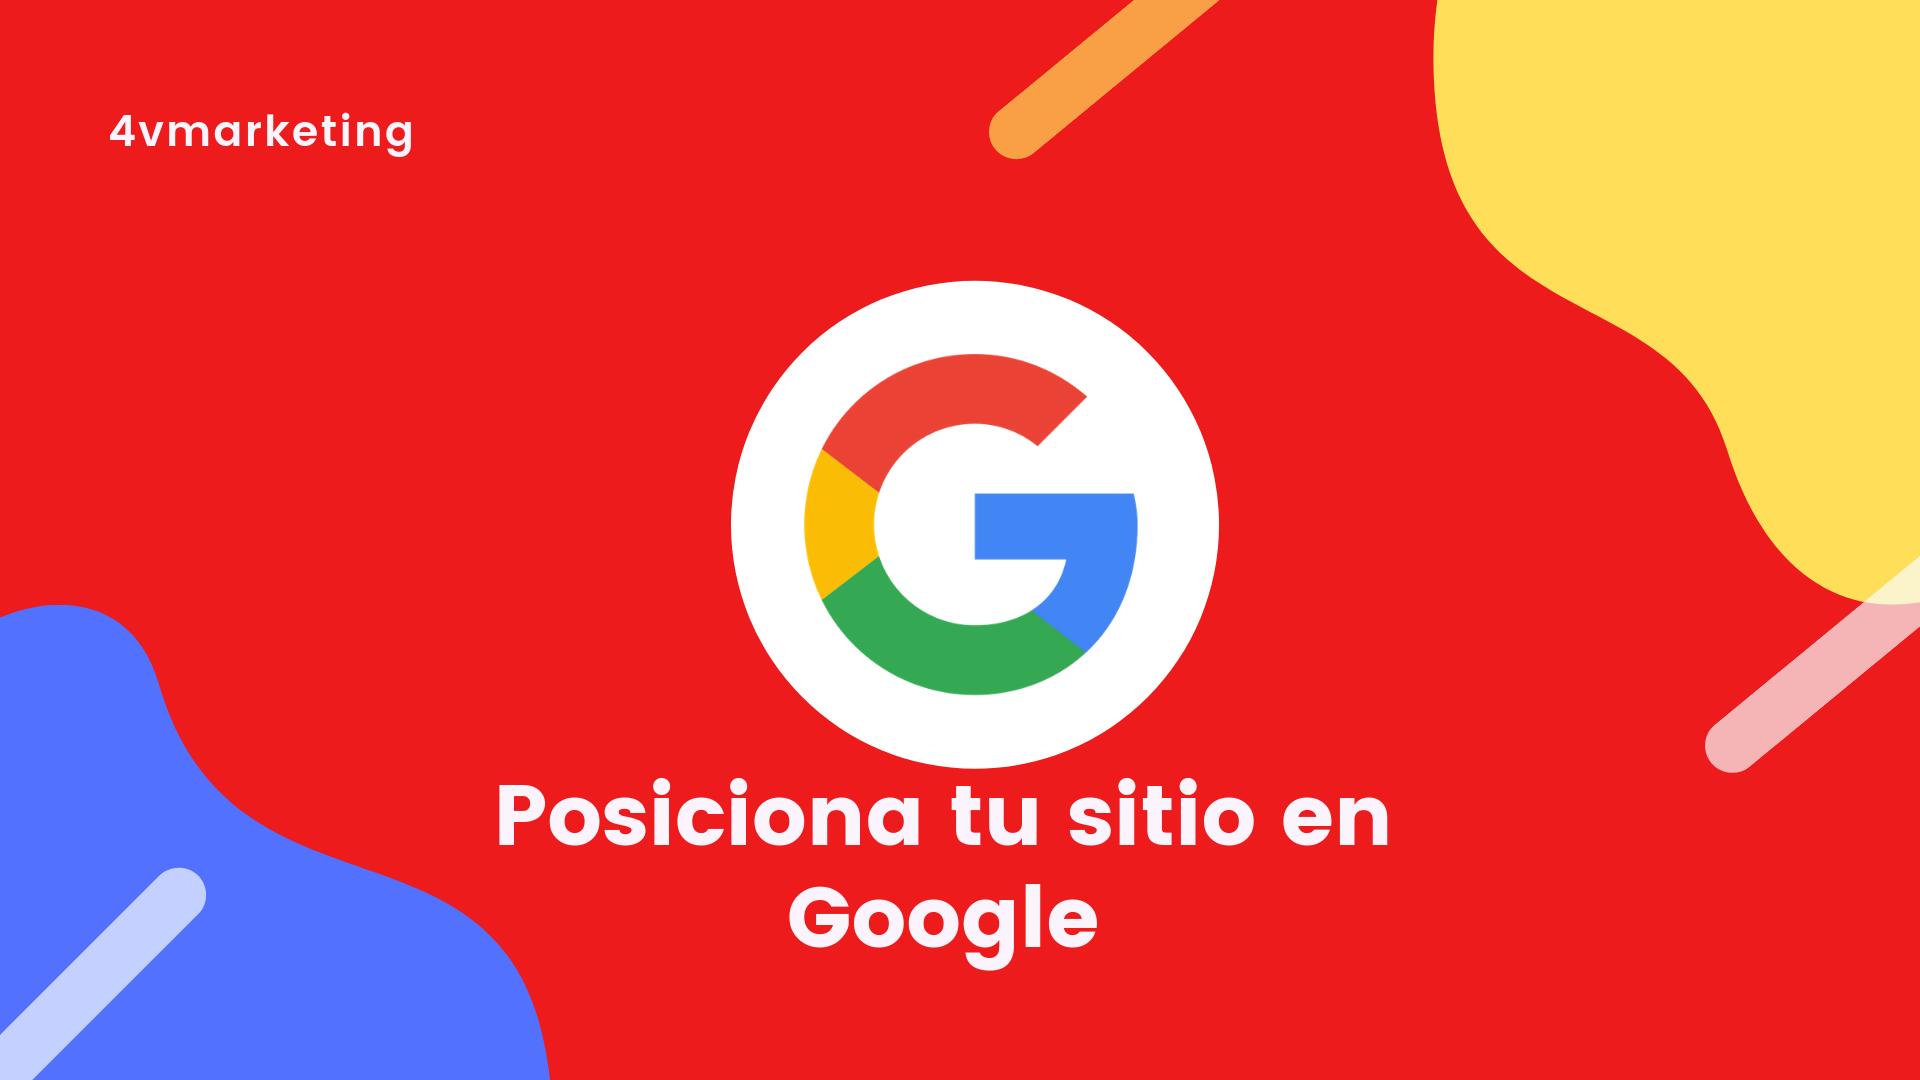 Posicionar tu sitio en Google